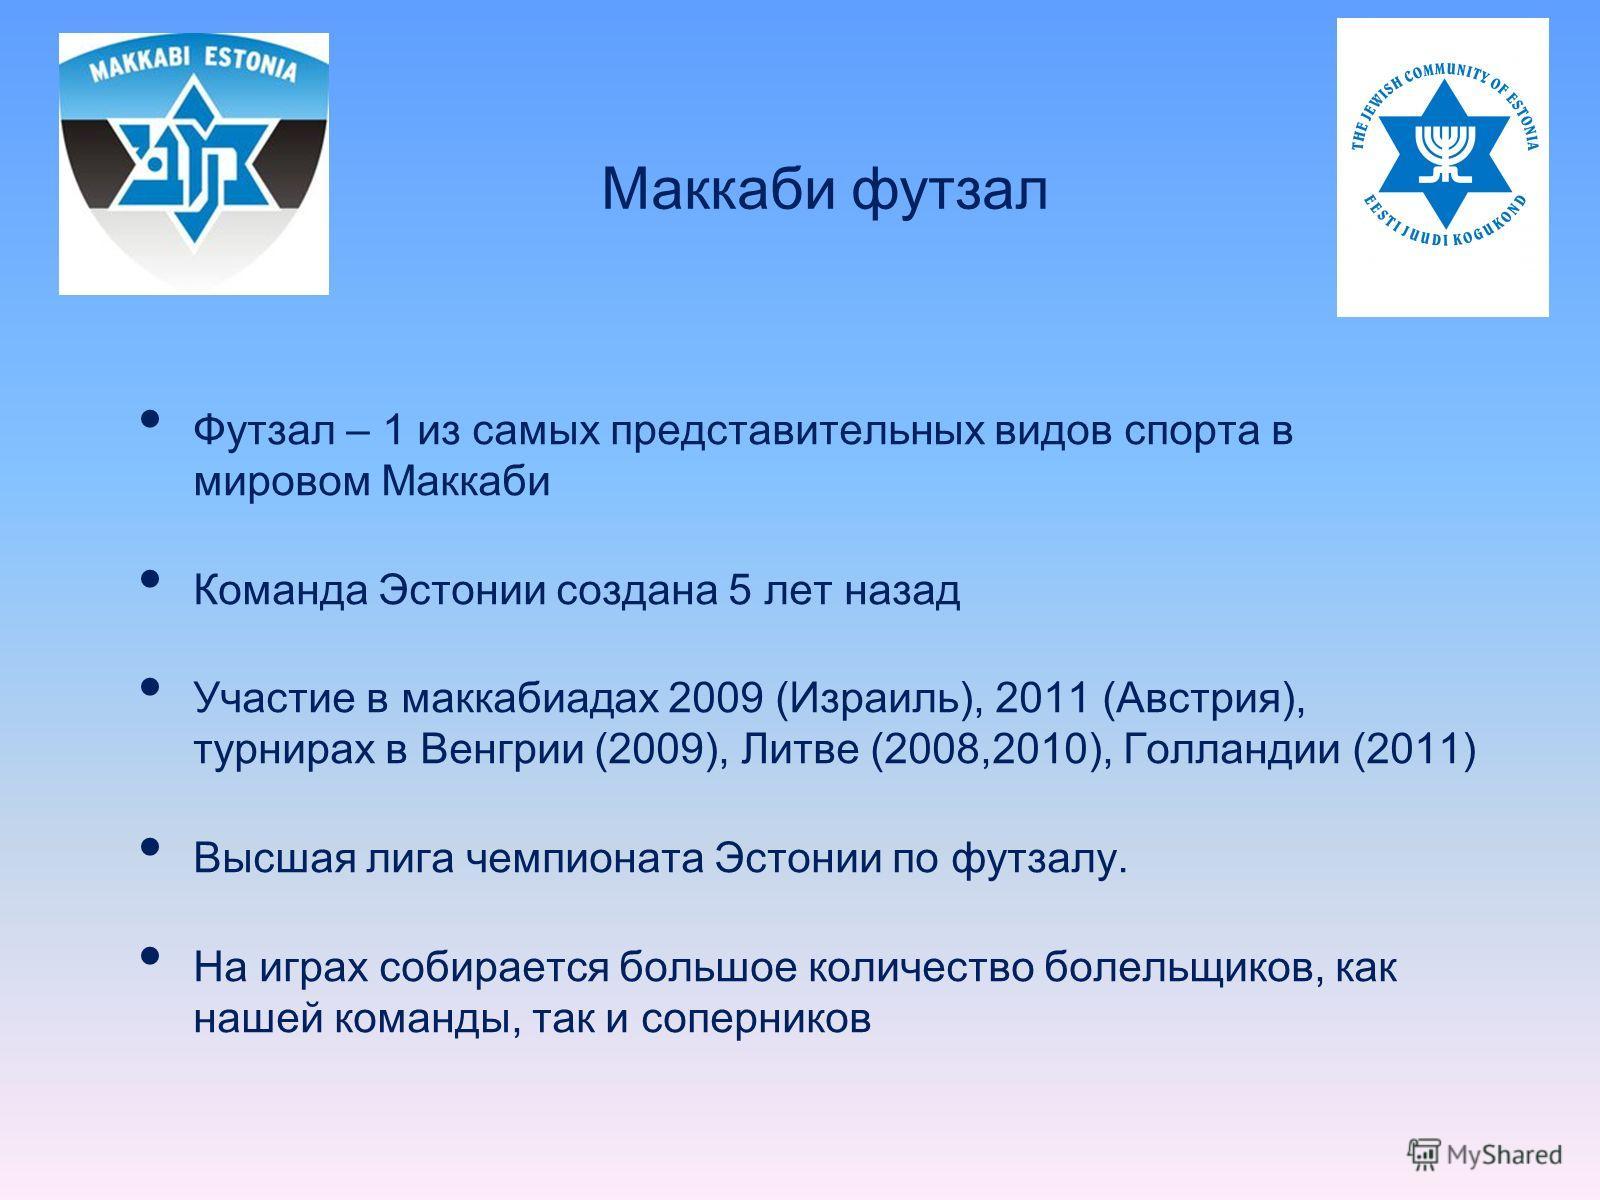 Футзал – 1 из самых представительных видов спорта в мировом Маккаби Команда Эстонии создана 5 лет назад Участие в маккабиадах 2009 (Израиль), 2011 (Австрия), турнирах в Венгрии (2009), Литве (2008,2010), Голландии (2011) Высшая лига чемпионата Эстони